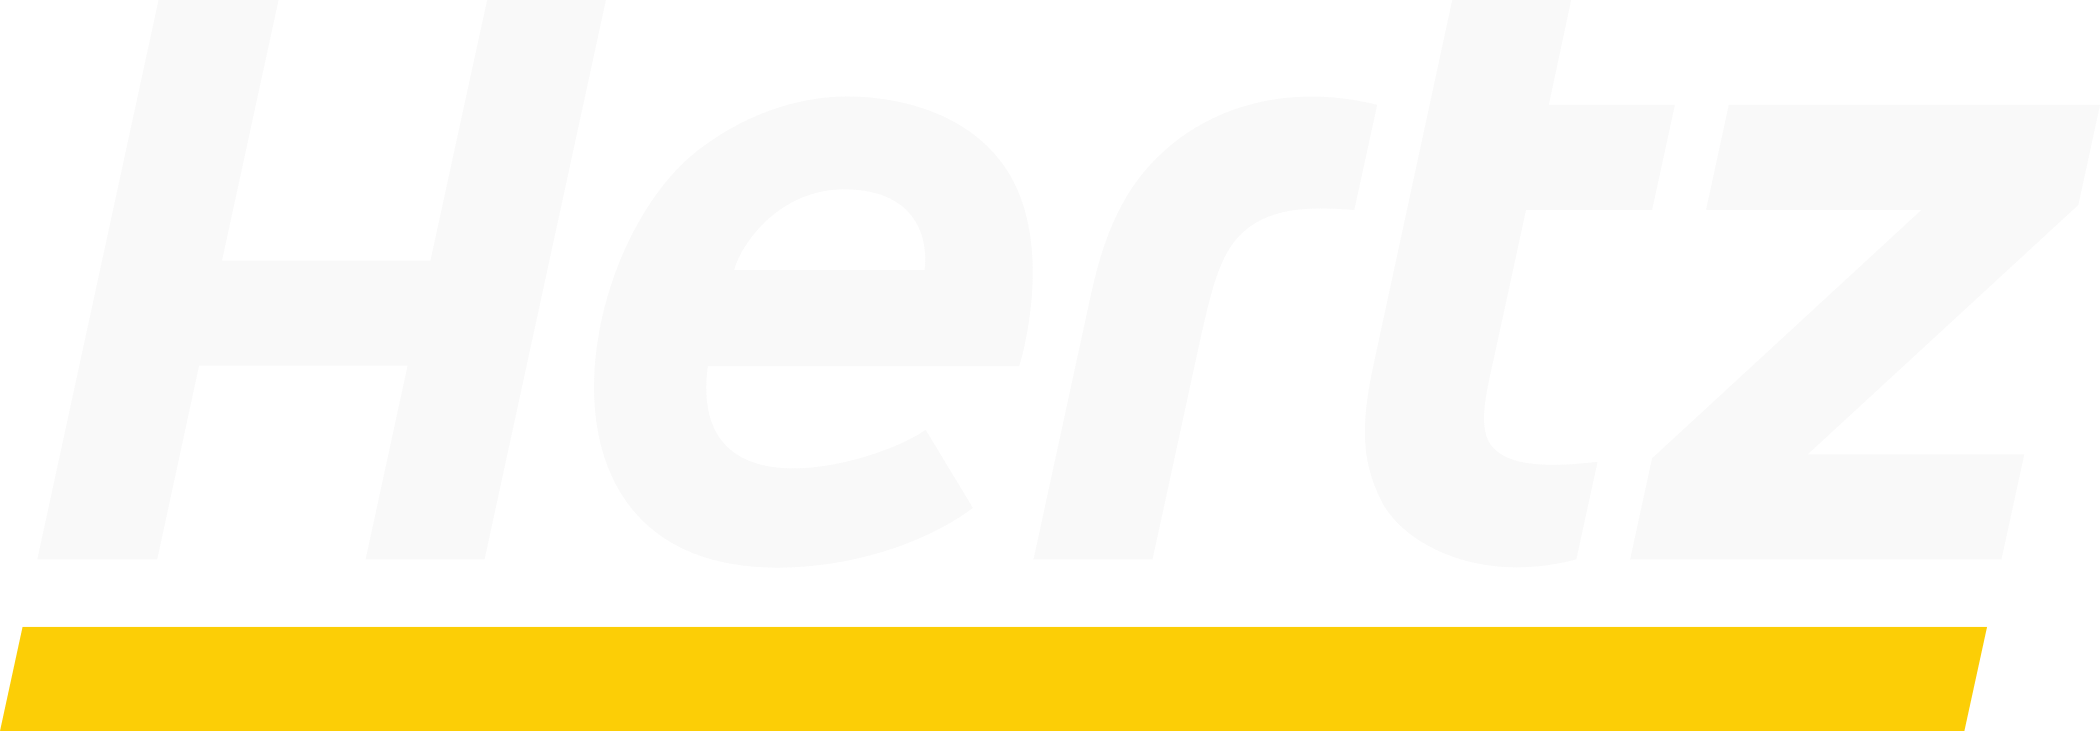 Hetz Logo.